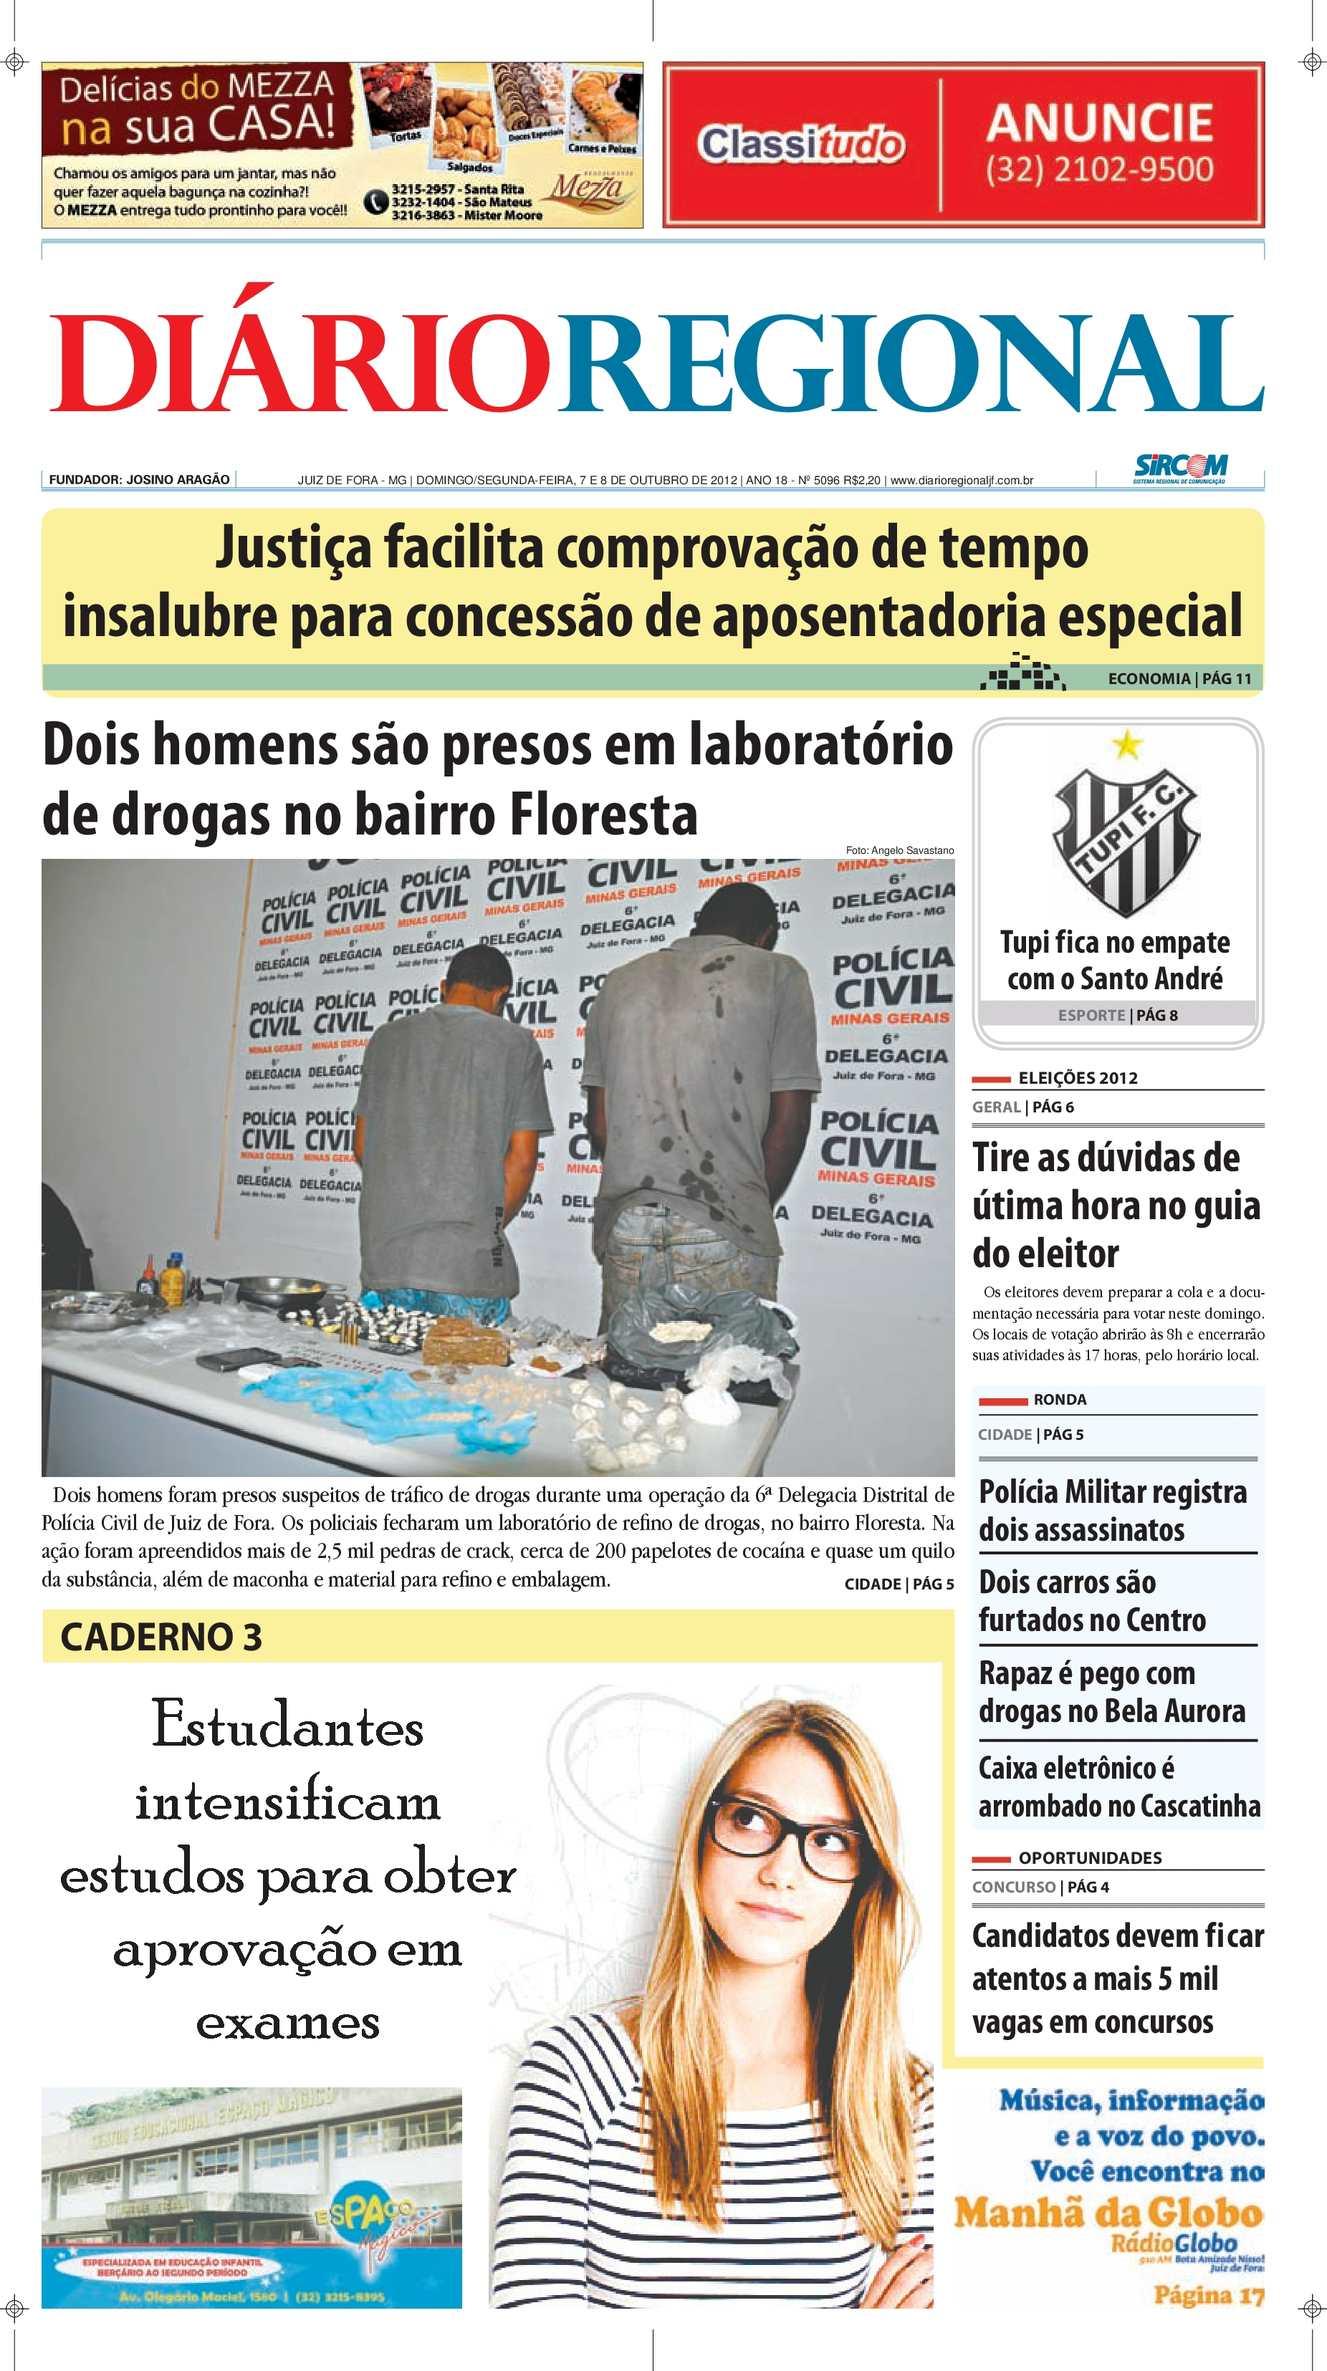 702aa20d4b Calaméo - Edição 7 e 8 10 2012